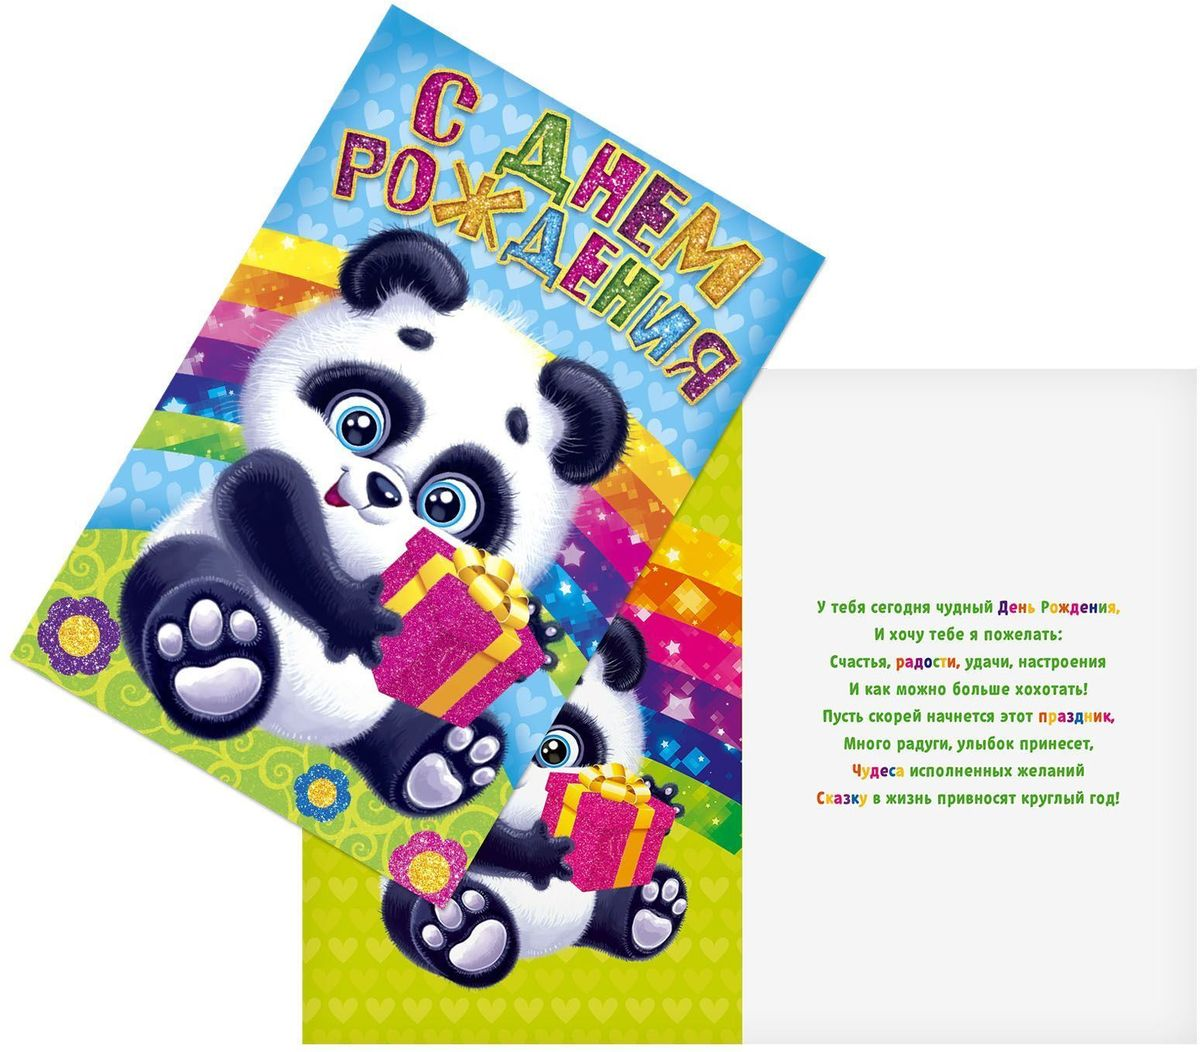 Открытка Дарите cчастье С Днем Рождения. Панда, 12 х 18 см1818885Выразить свои чувства и дополнить основной подарок тёплыми словами вам поможет открытка С Днем Рождения. Панда.